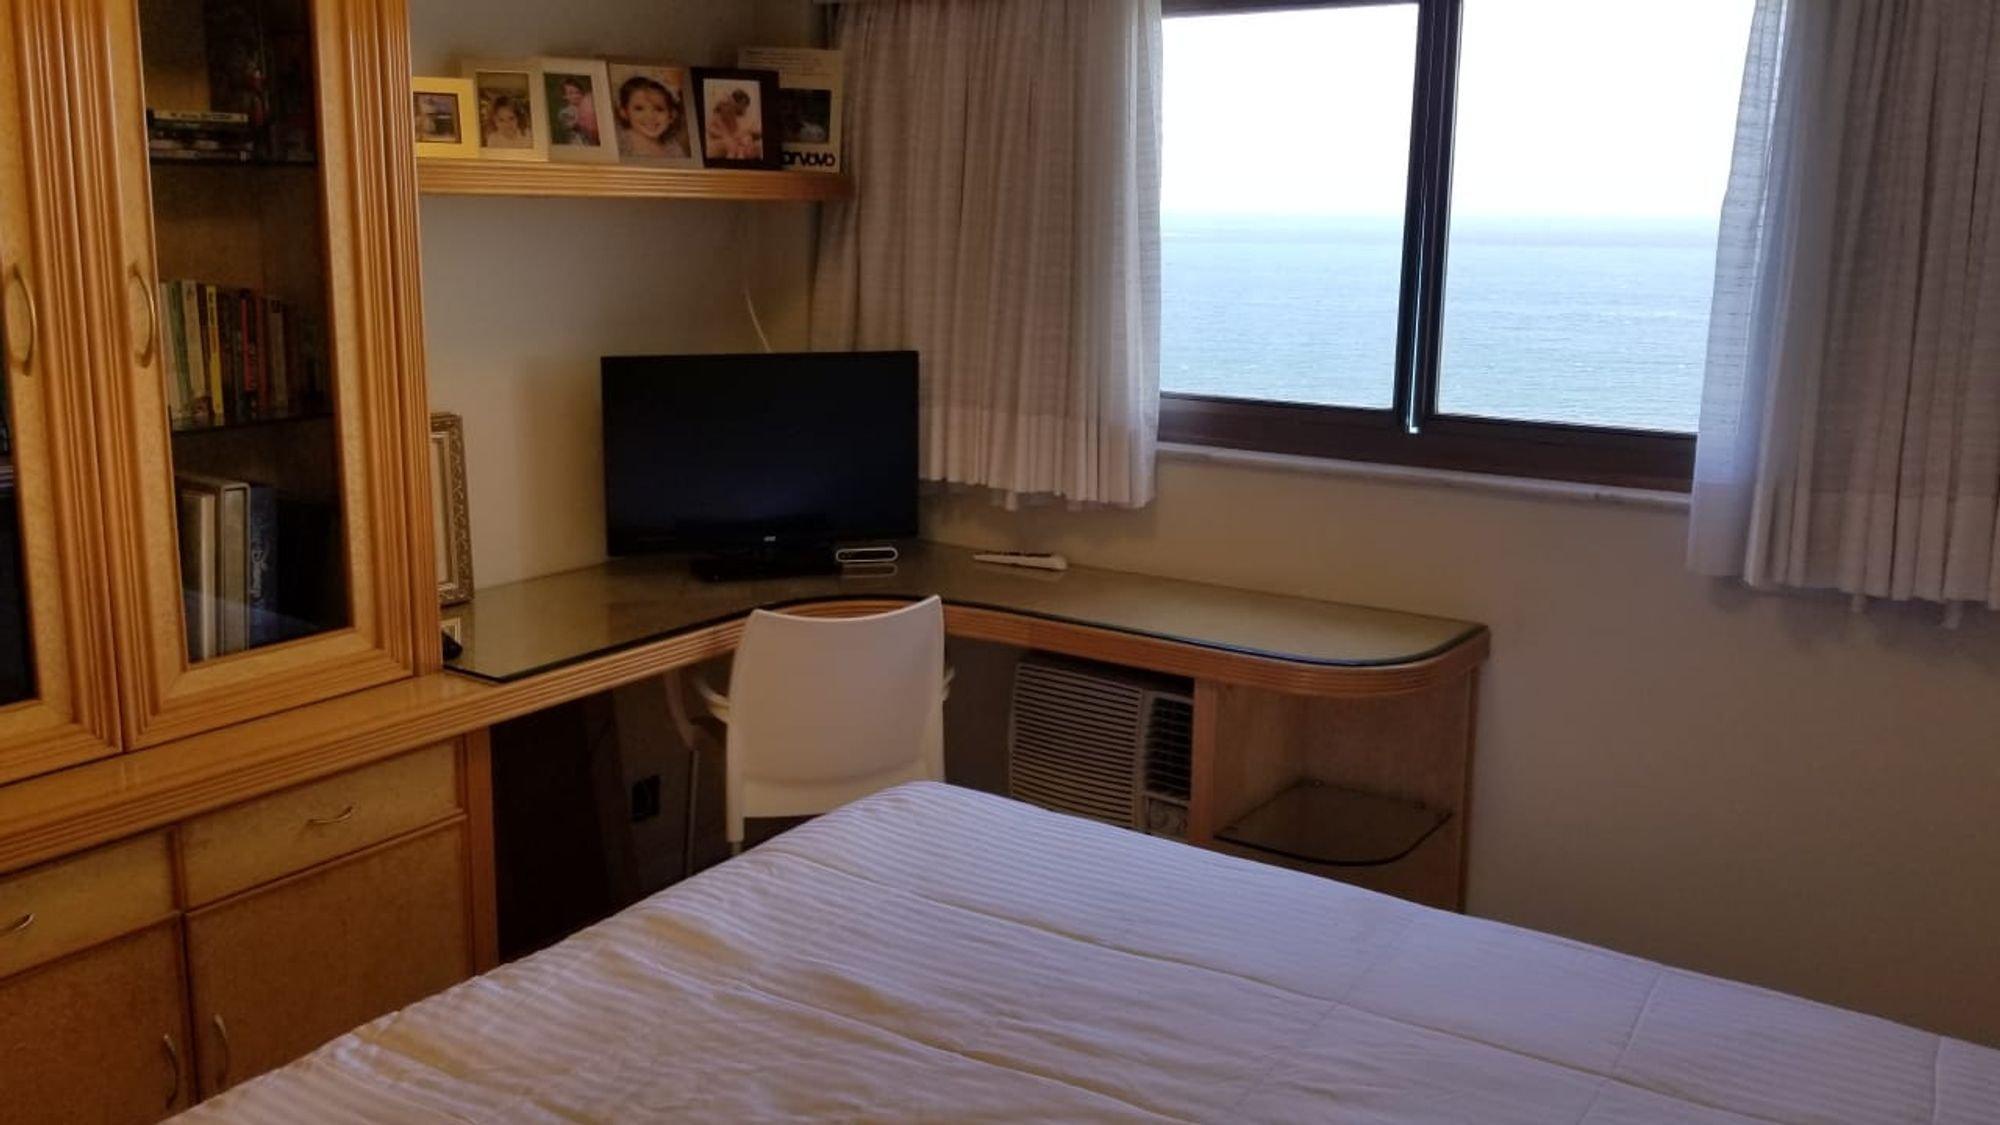 Foto de Quarto com cama, televisão, cadeira, livro